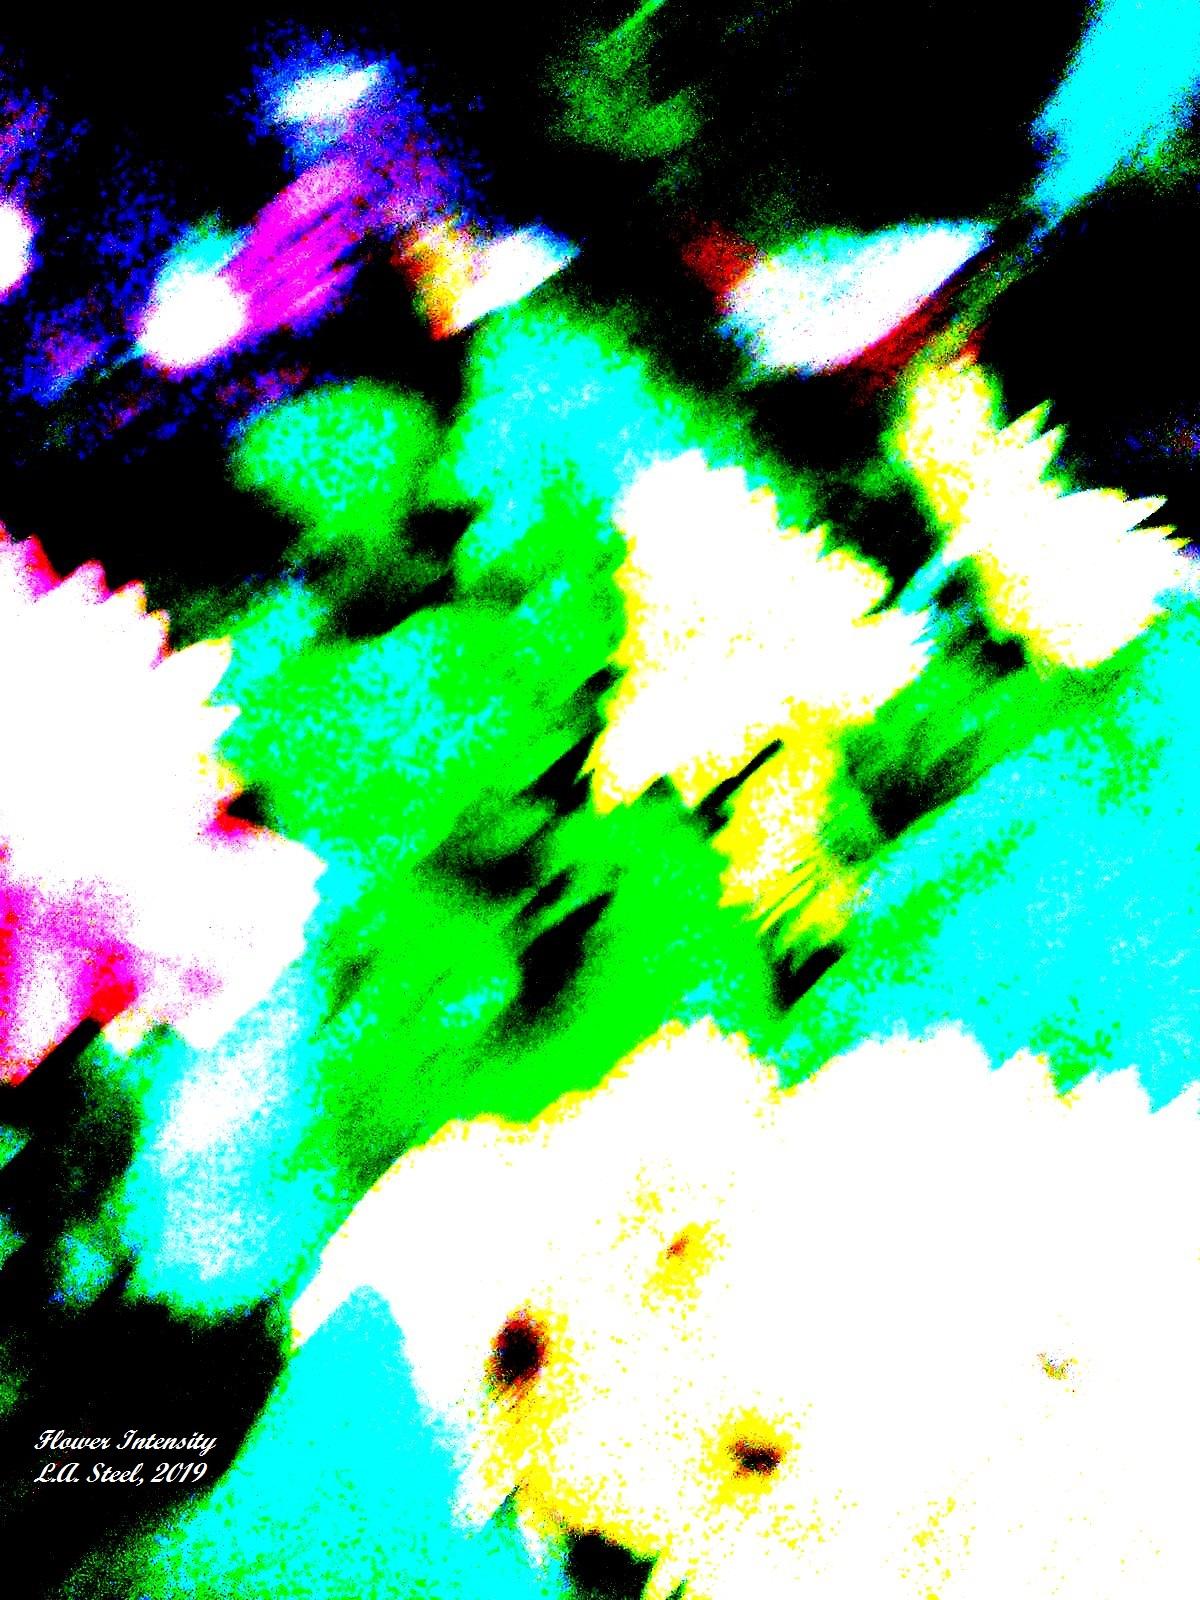 flower intensity 2 2019